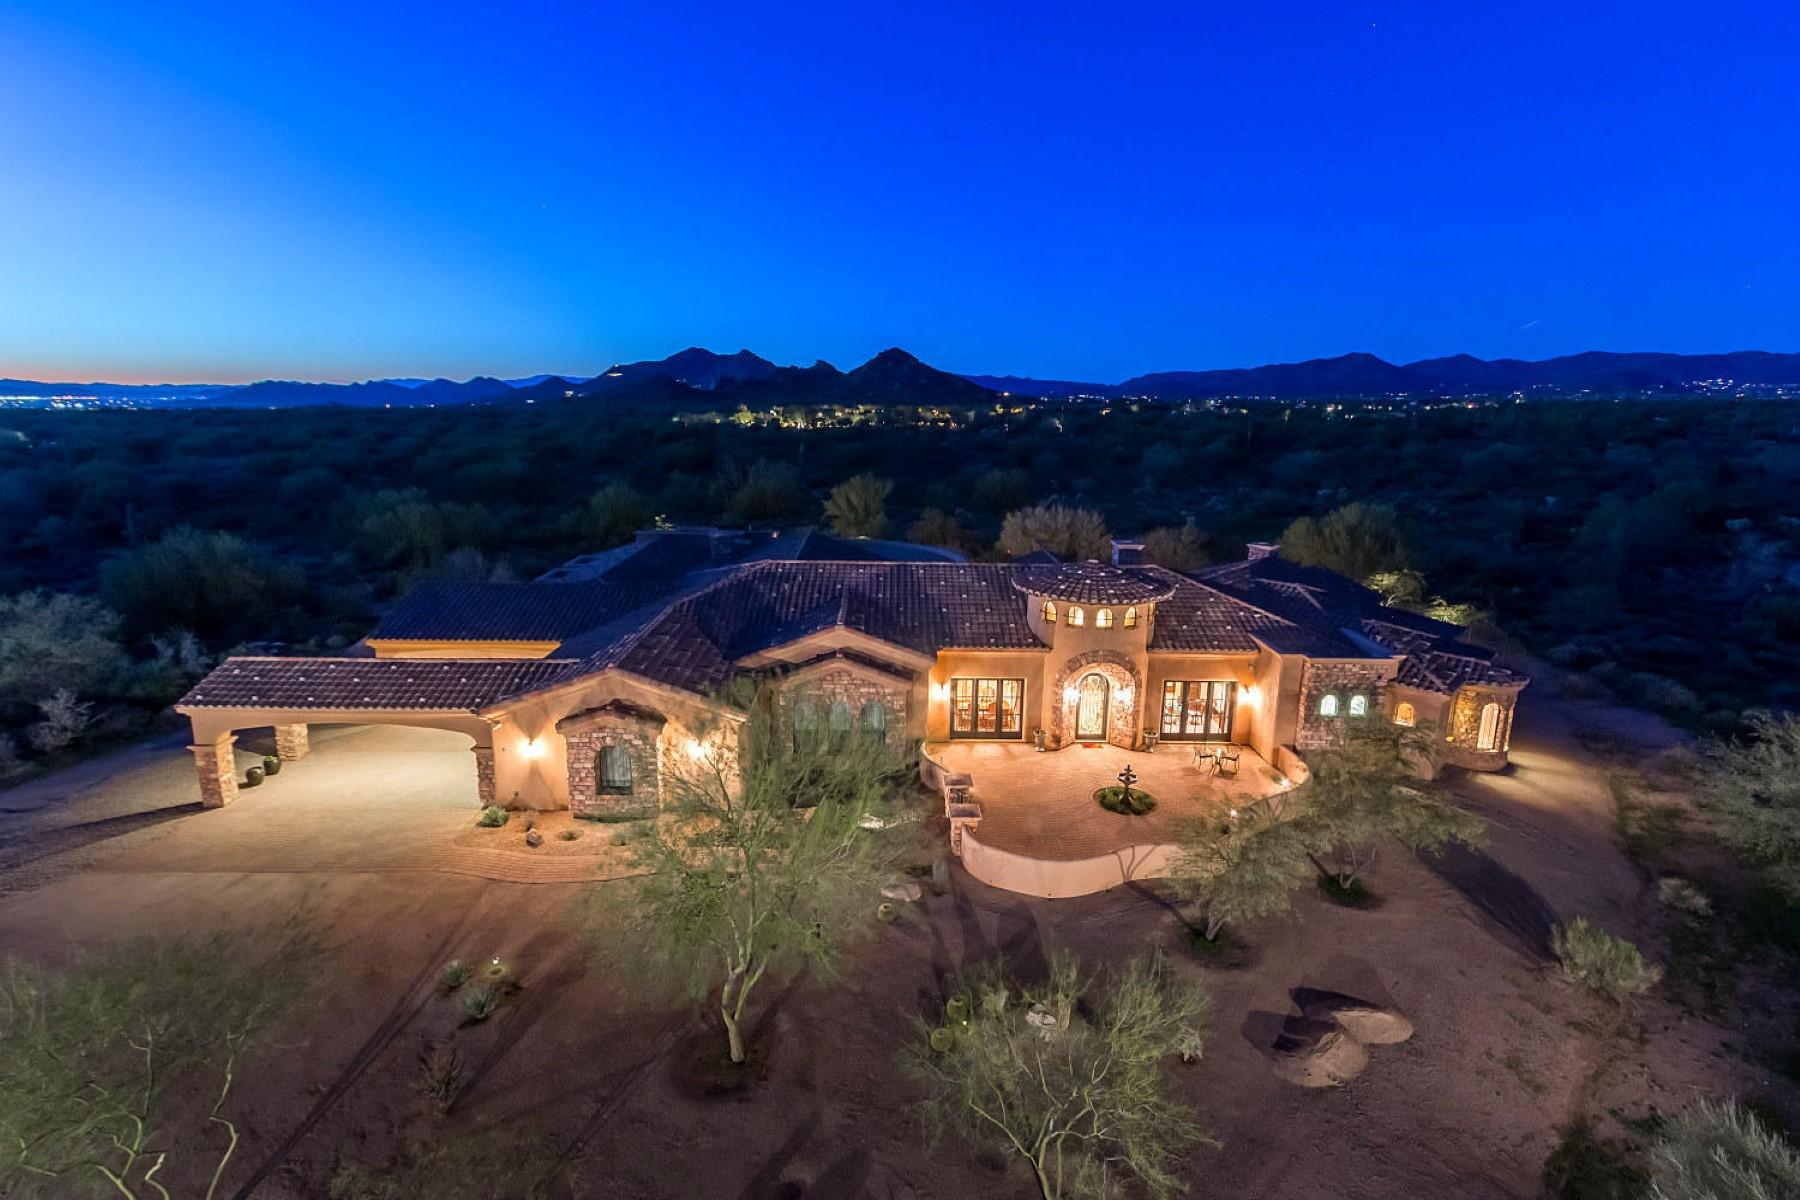 단독 가정 주택 용 매매 에 Gorgeous custom home in Pinnacle Peak Ranchos 8024 E Lone Mountain Rd Scottsdale, 아리조나, 85266 미국